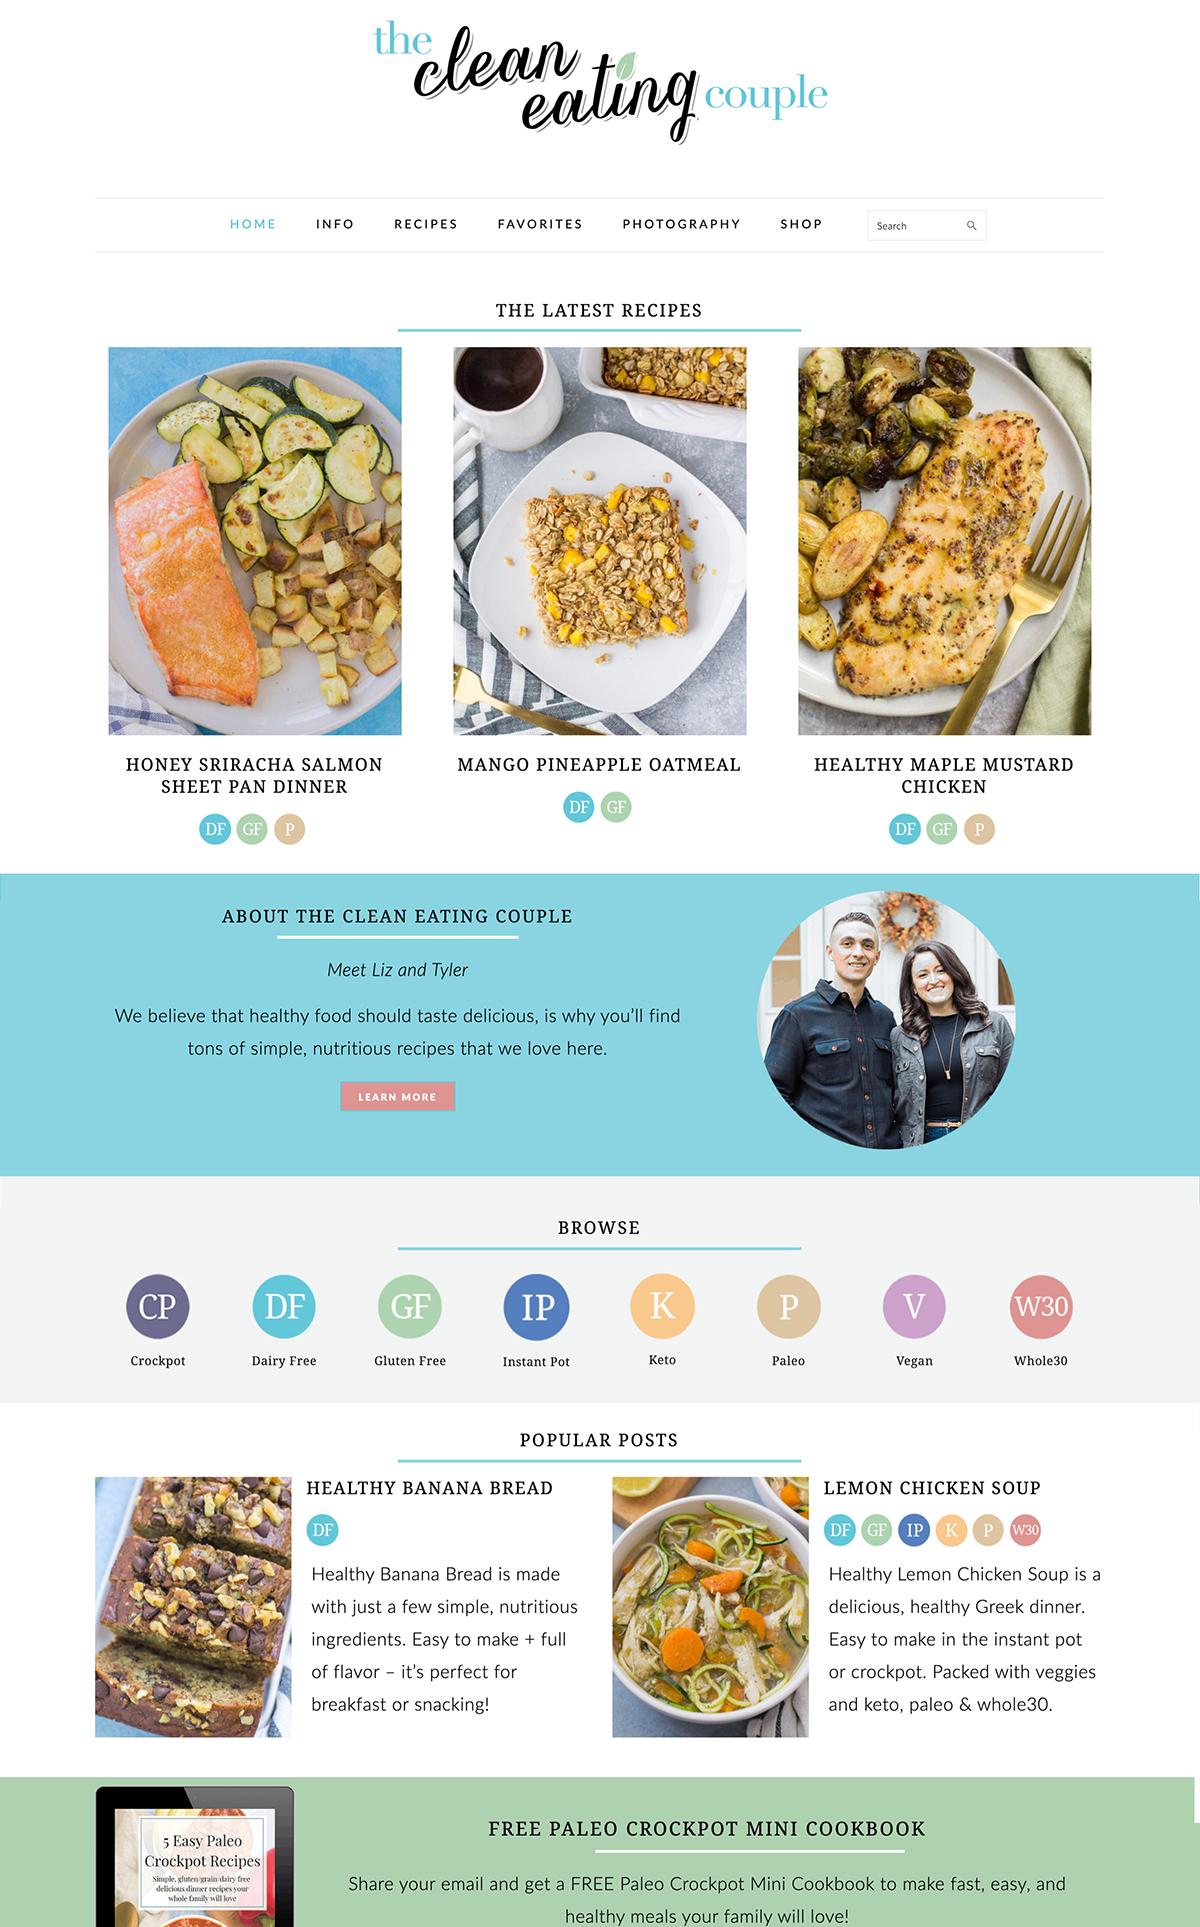 ce-web-design-food-bloggers